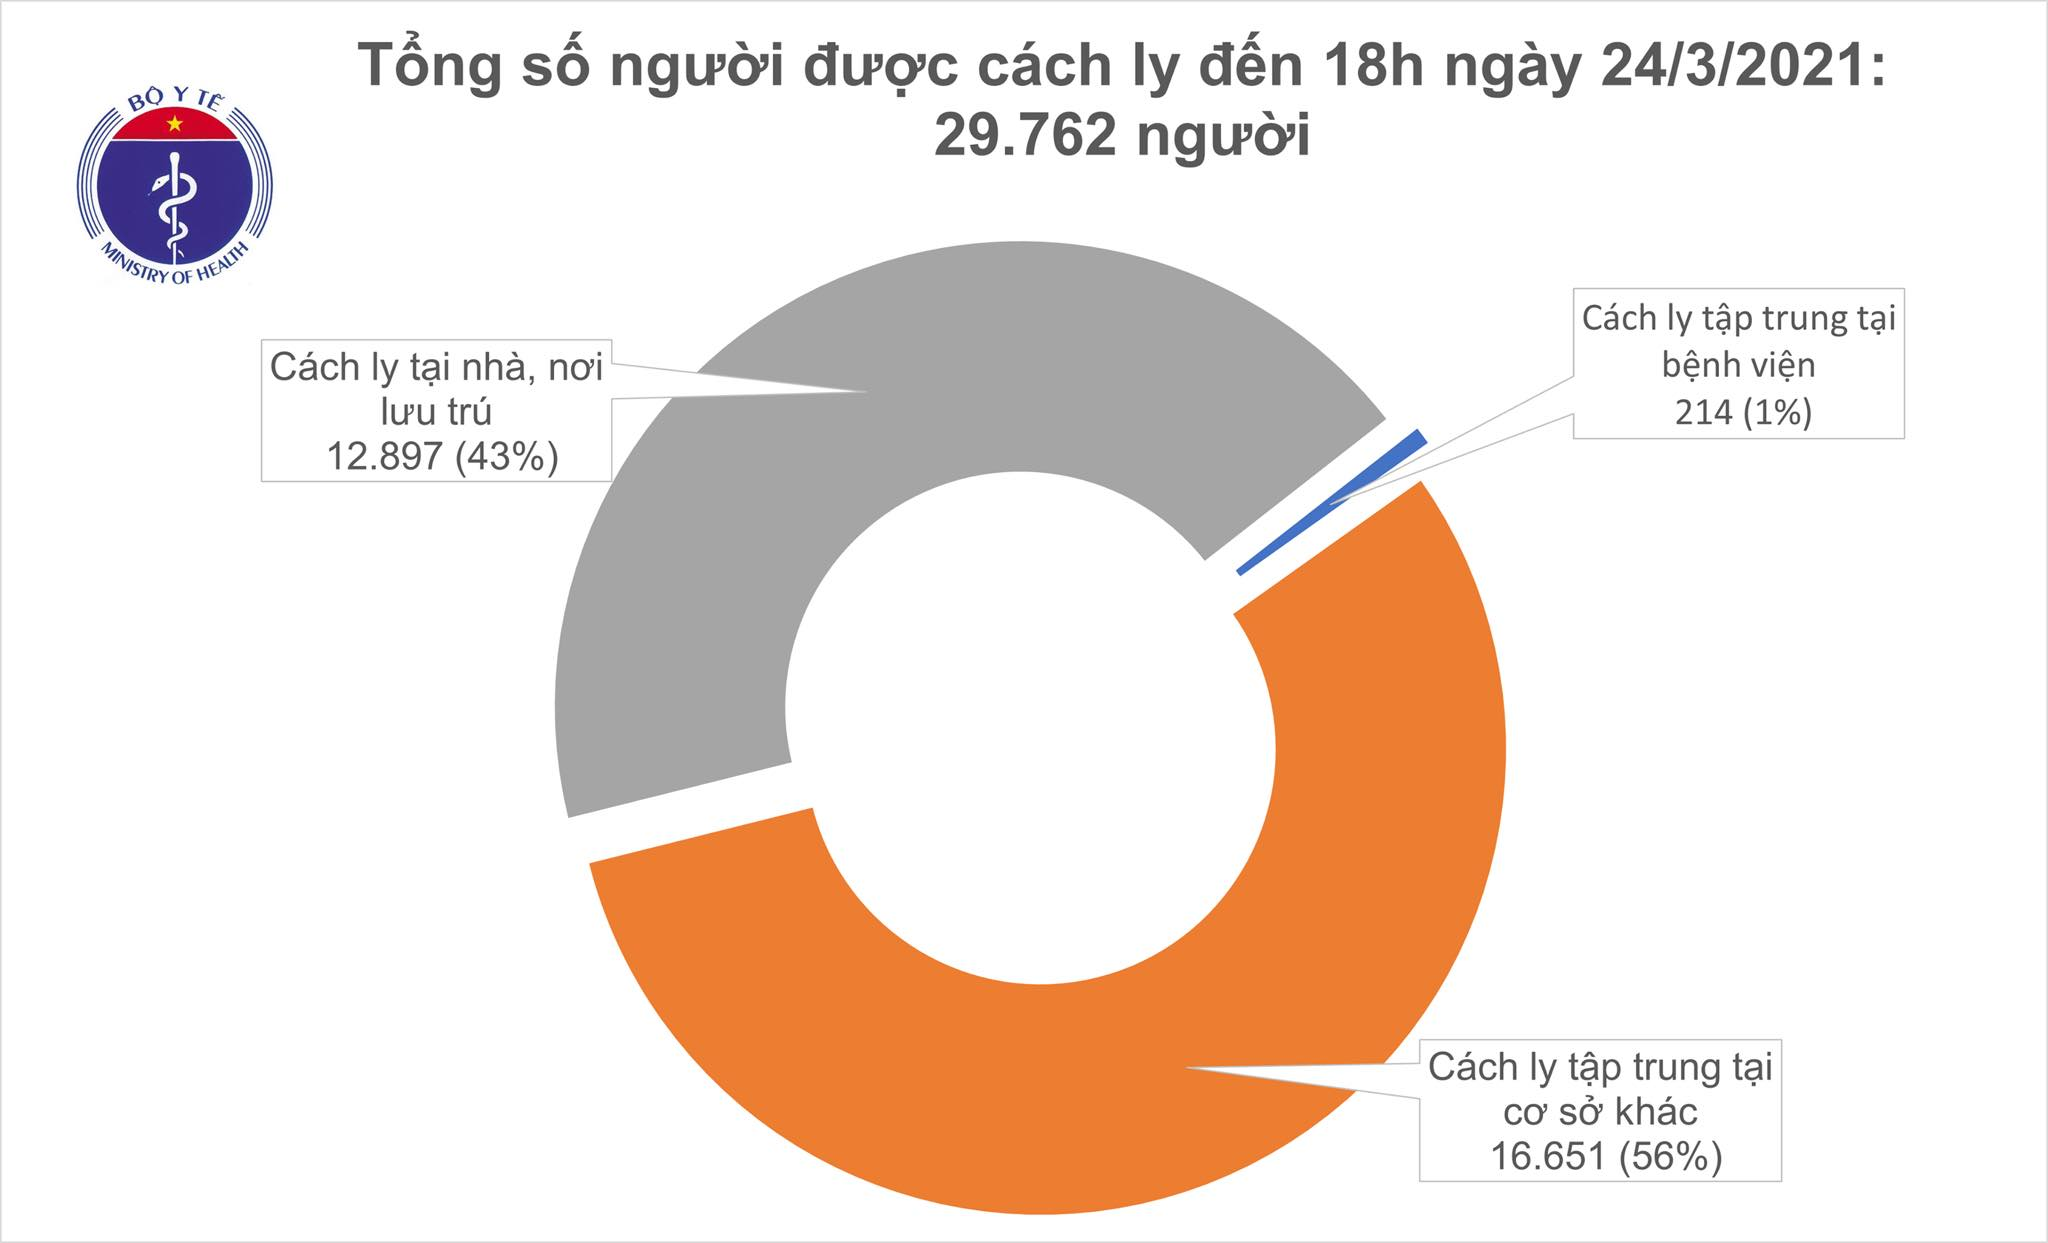 Chiều 24/3, không có ca ca mắc COVID-19, Việt Nam chữa khỏi 2.265 bệnh nhân - Ảnh 1.